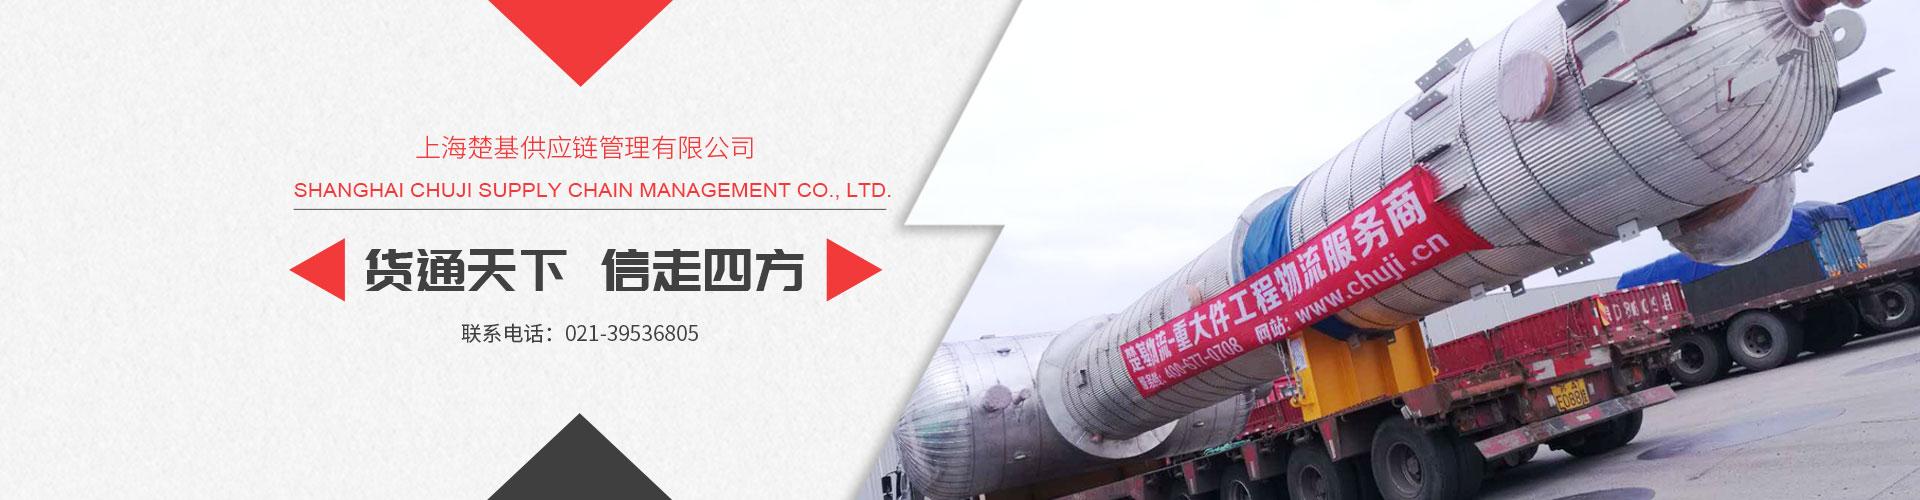 上海楚基供应链管理有限公司